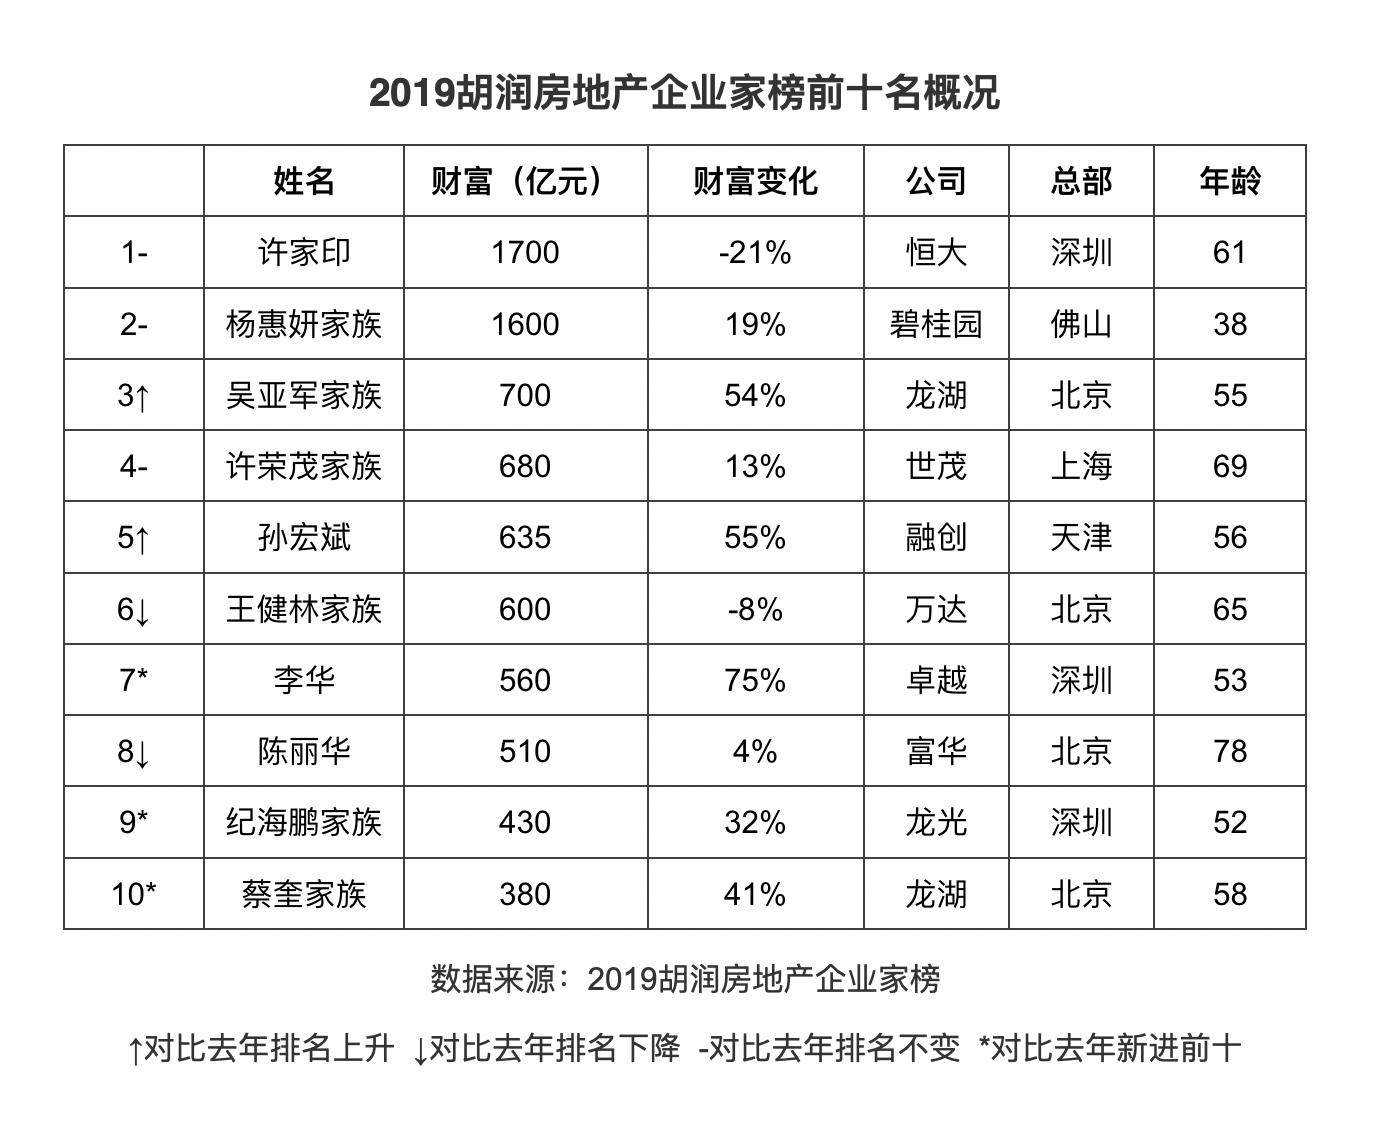 许家印蝉联胡润地产企业家榜首富 杨惠妍位列第二